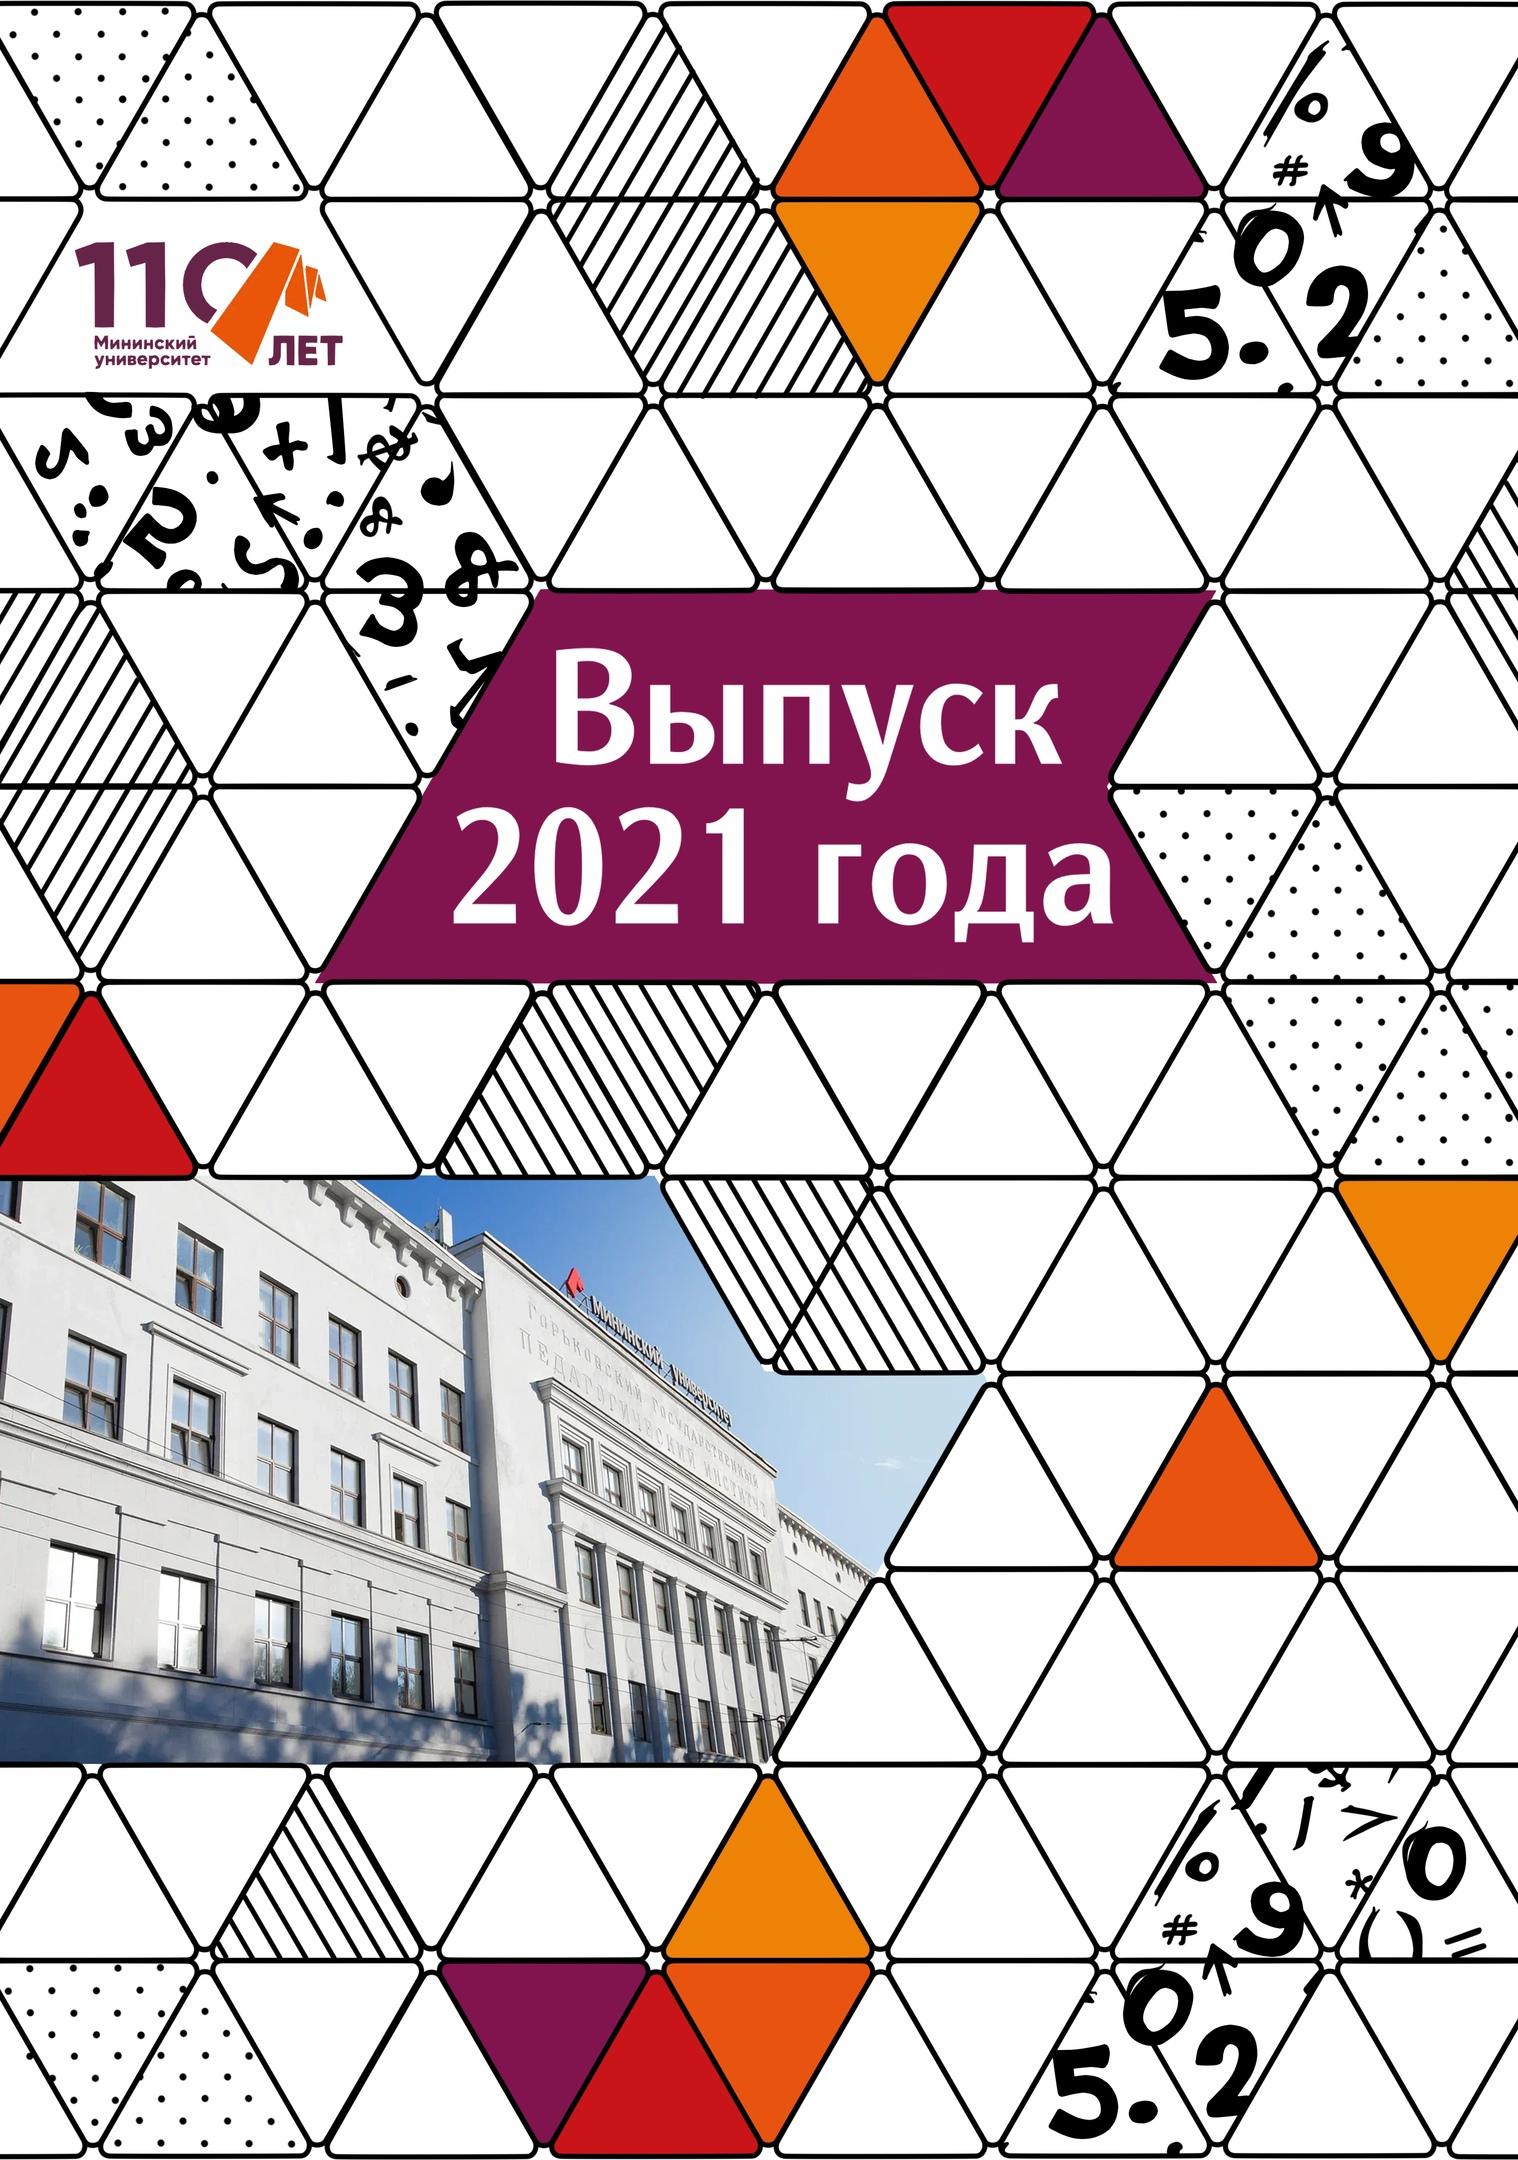 Мининский университет подготовил специальный выпускной онлайн-альбом 2021